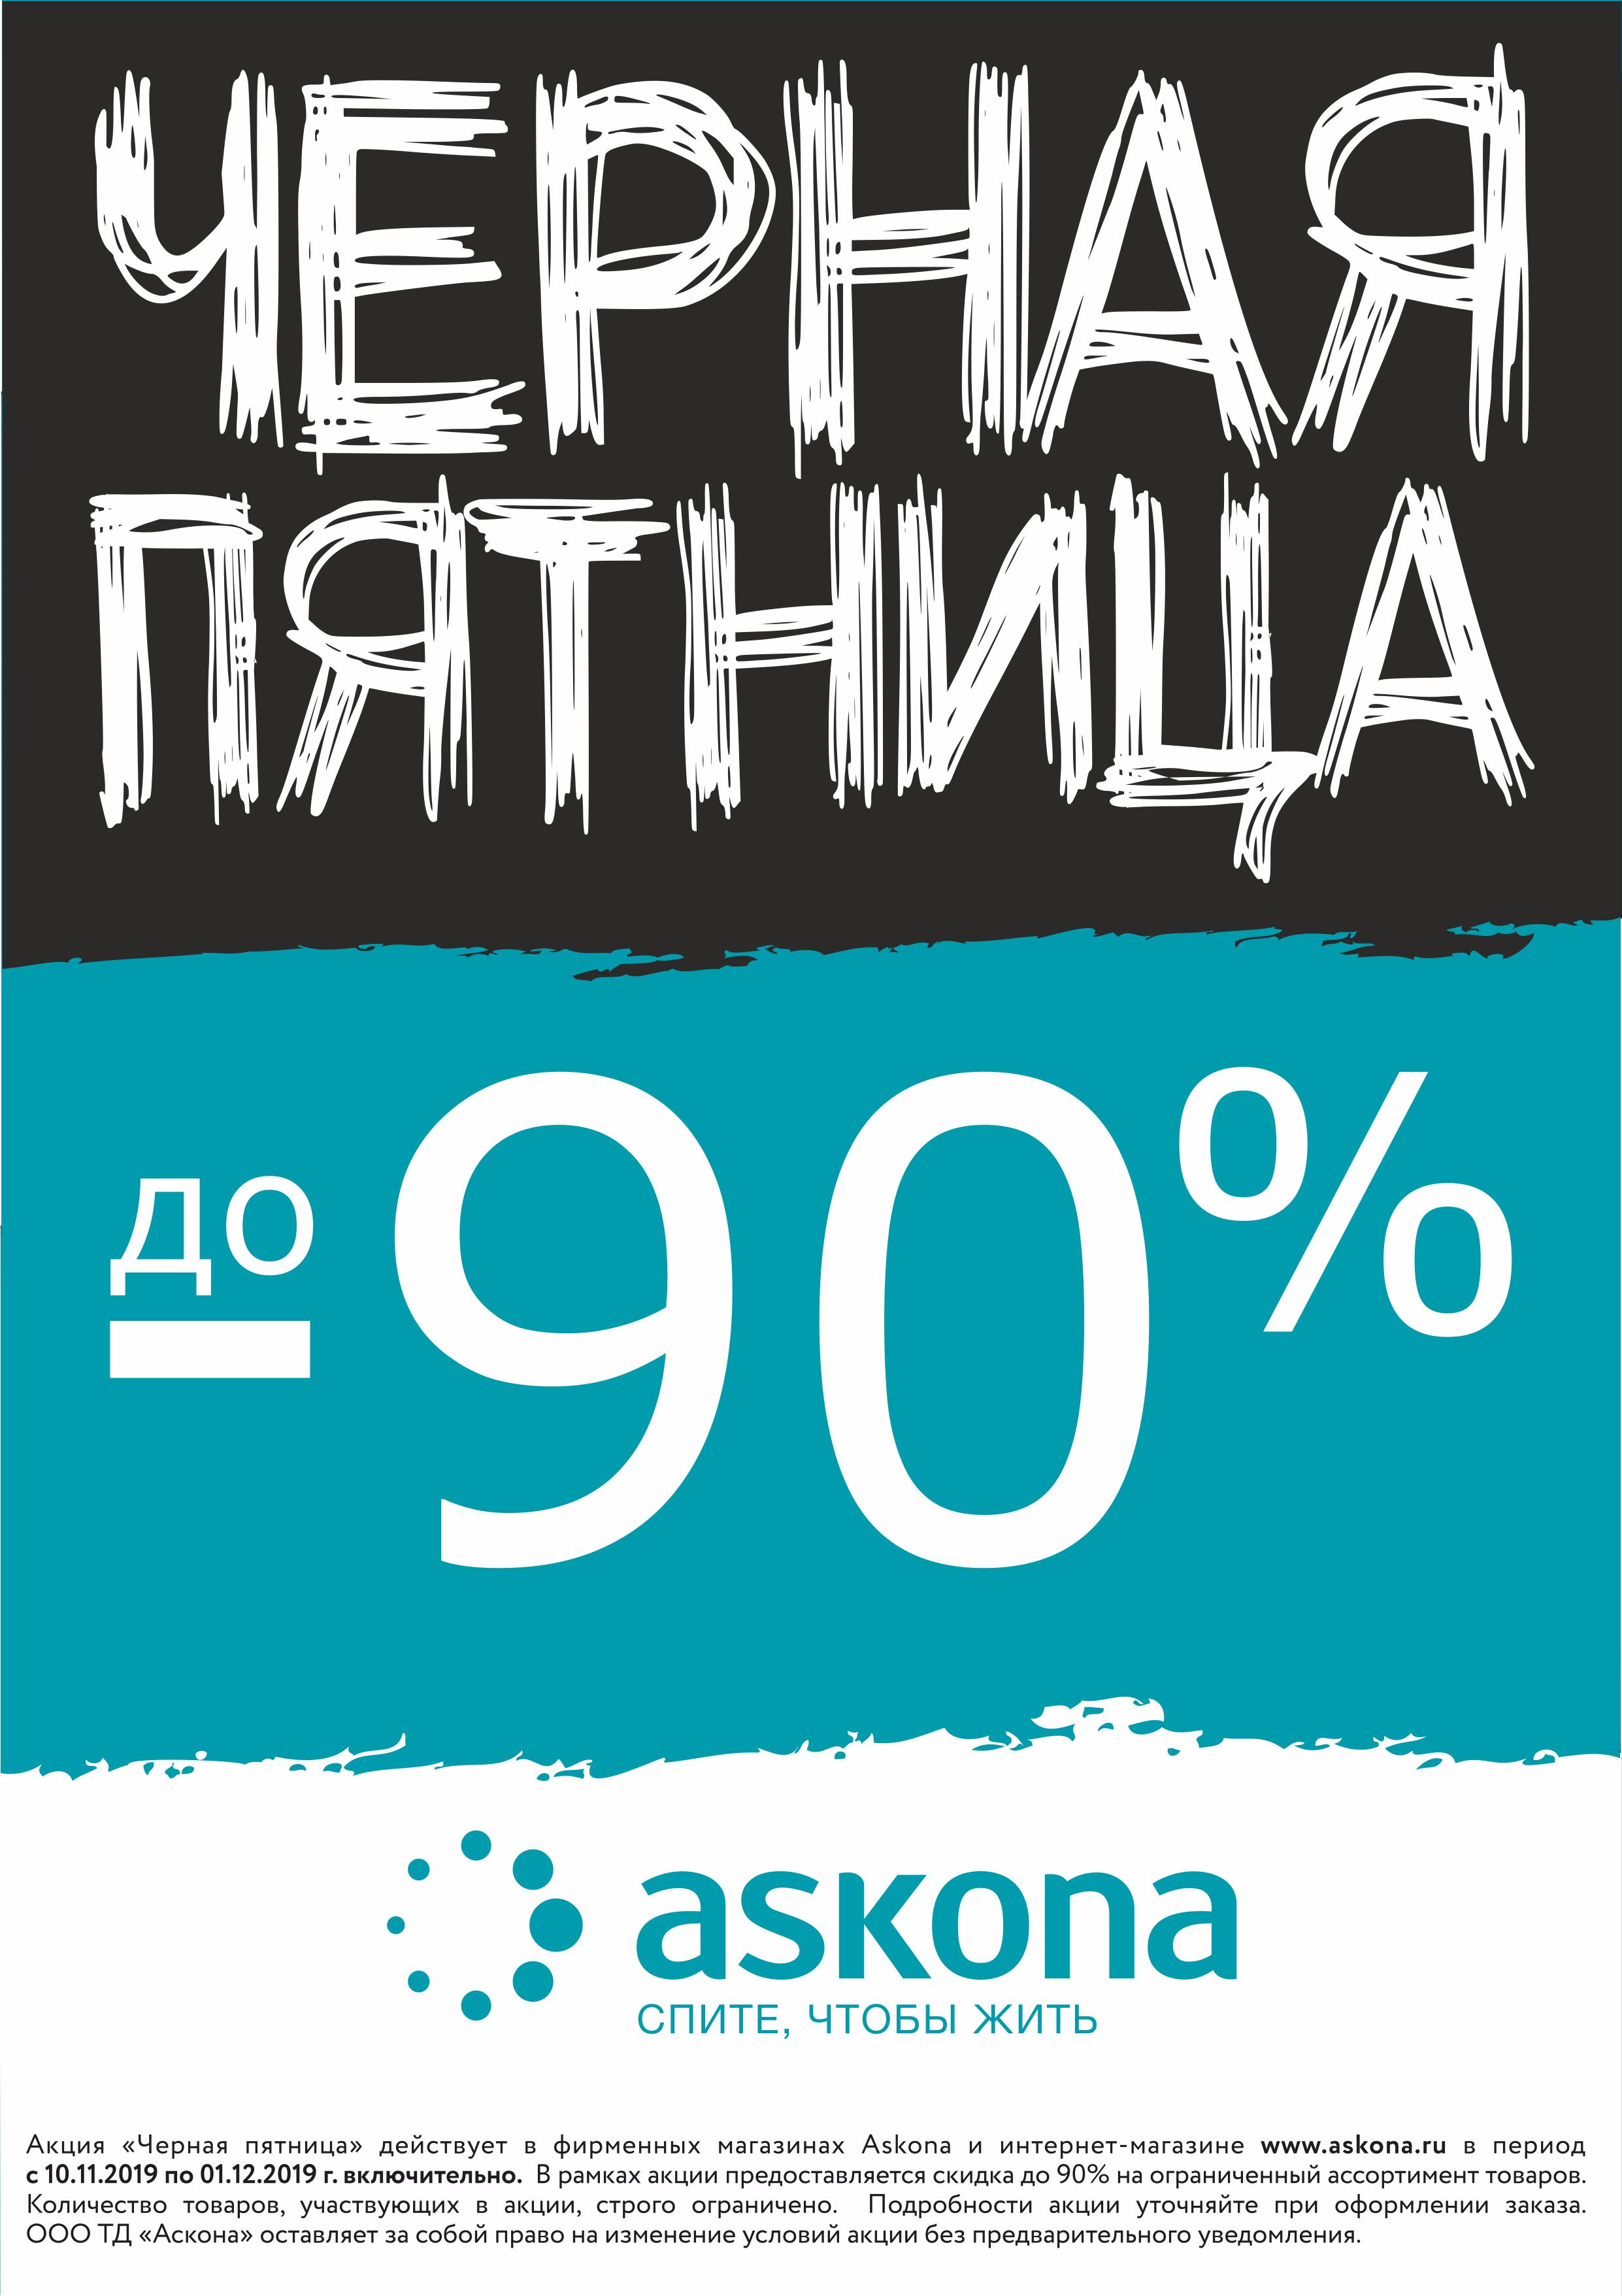 Askona-Черная-пятница-2019